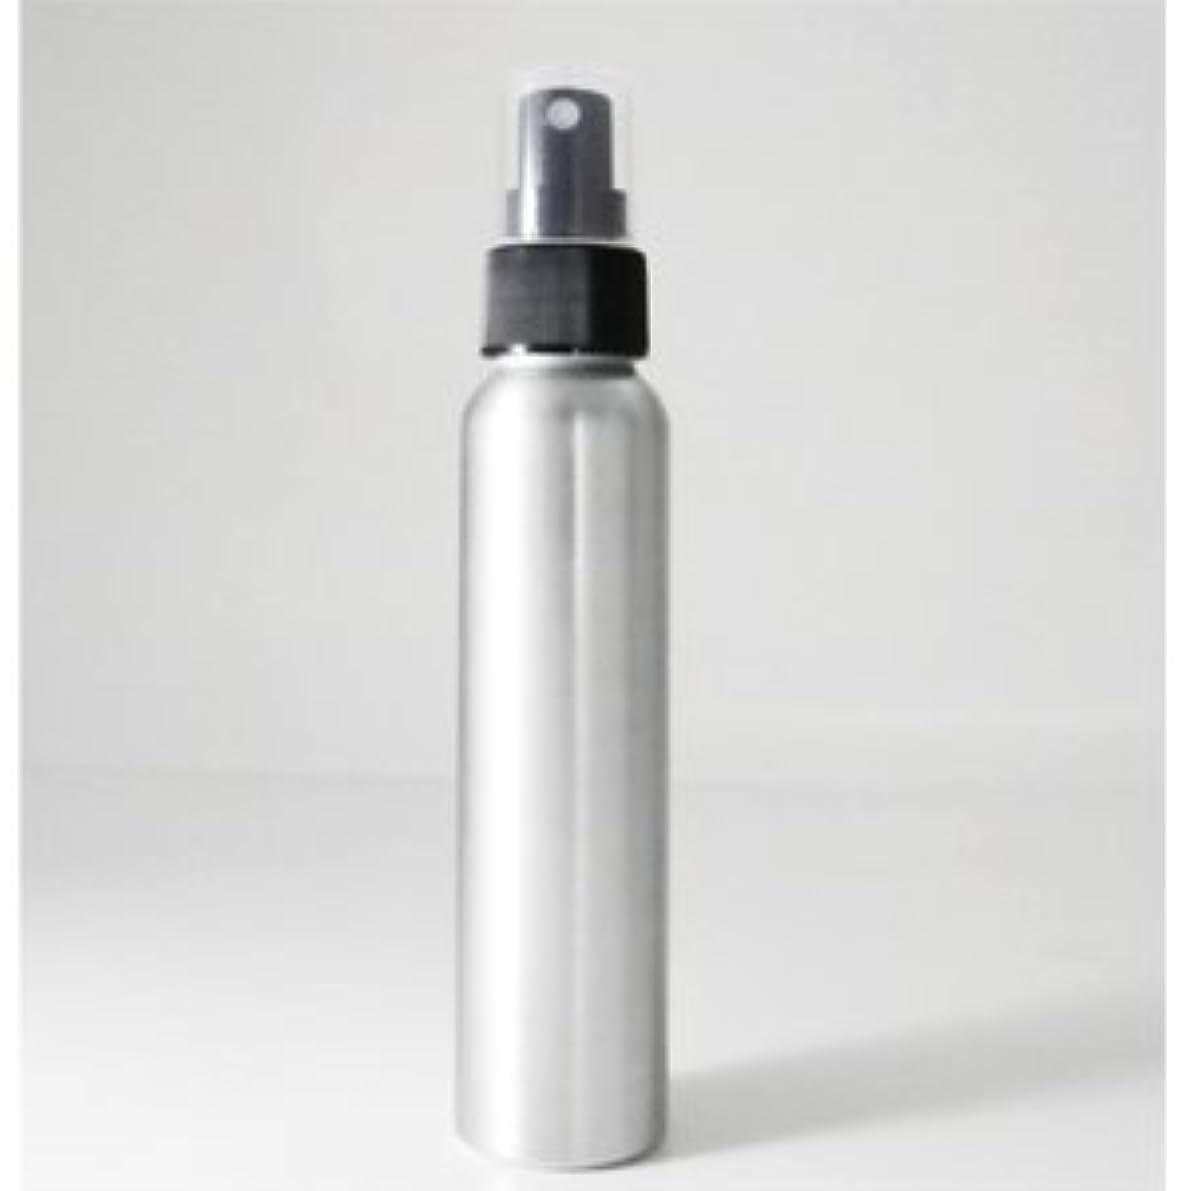 送った影のあるトーナメントアルミボトル スプレー容器 100ml 【手作り化粧品容器】